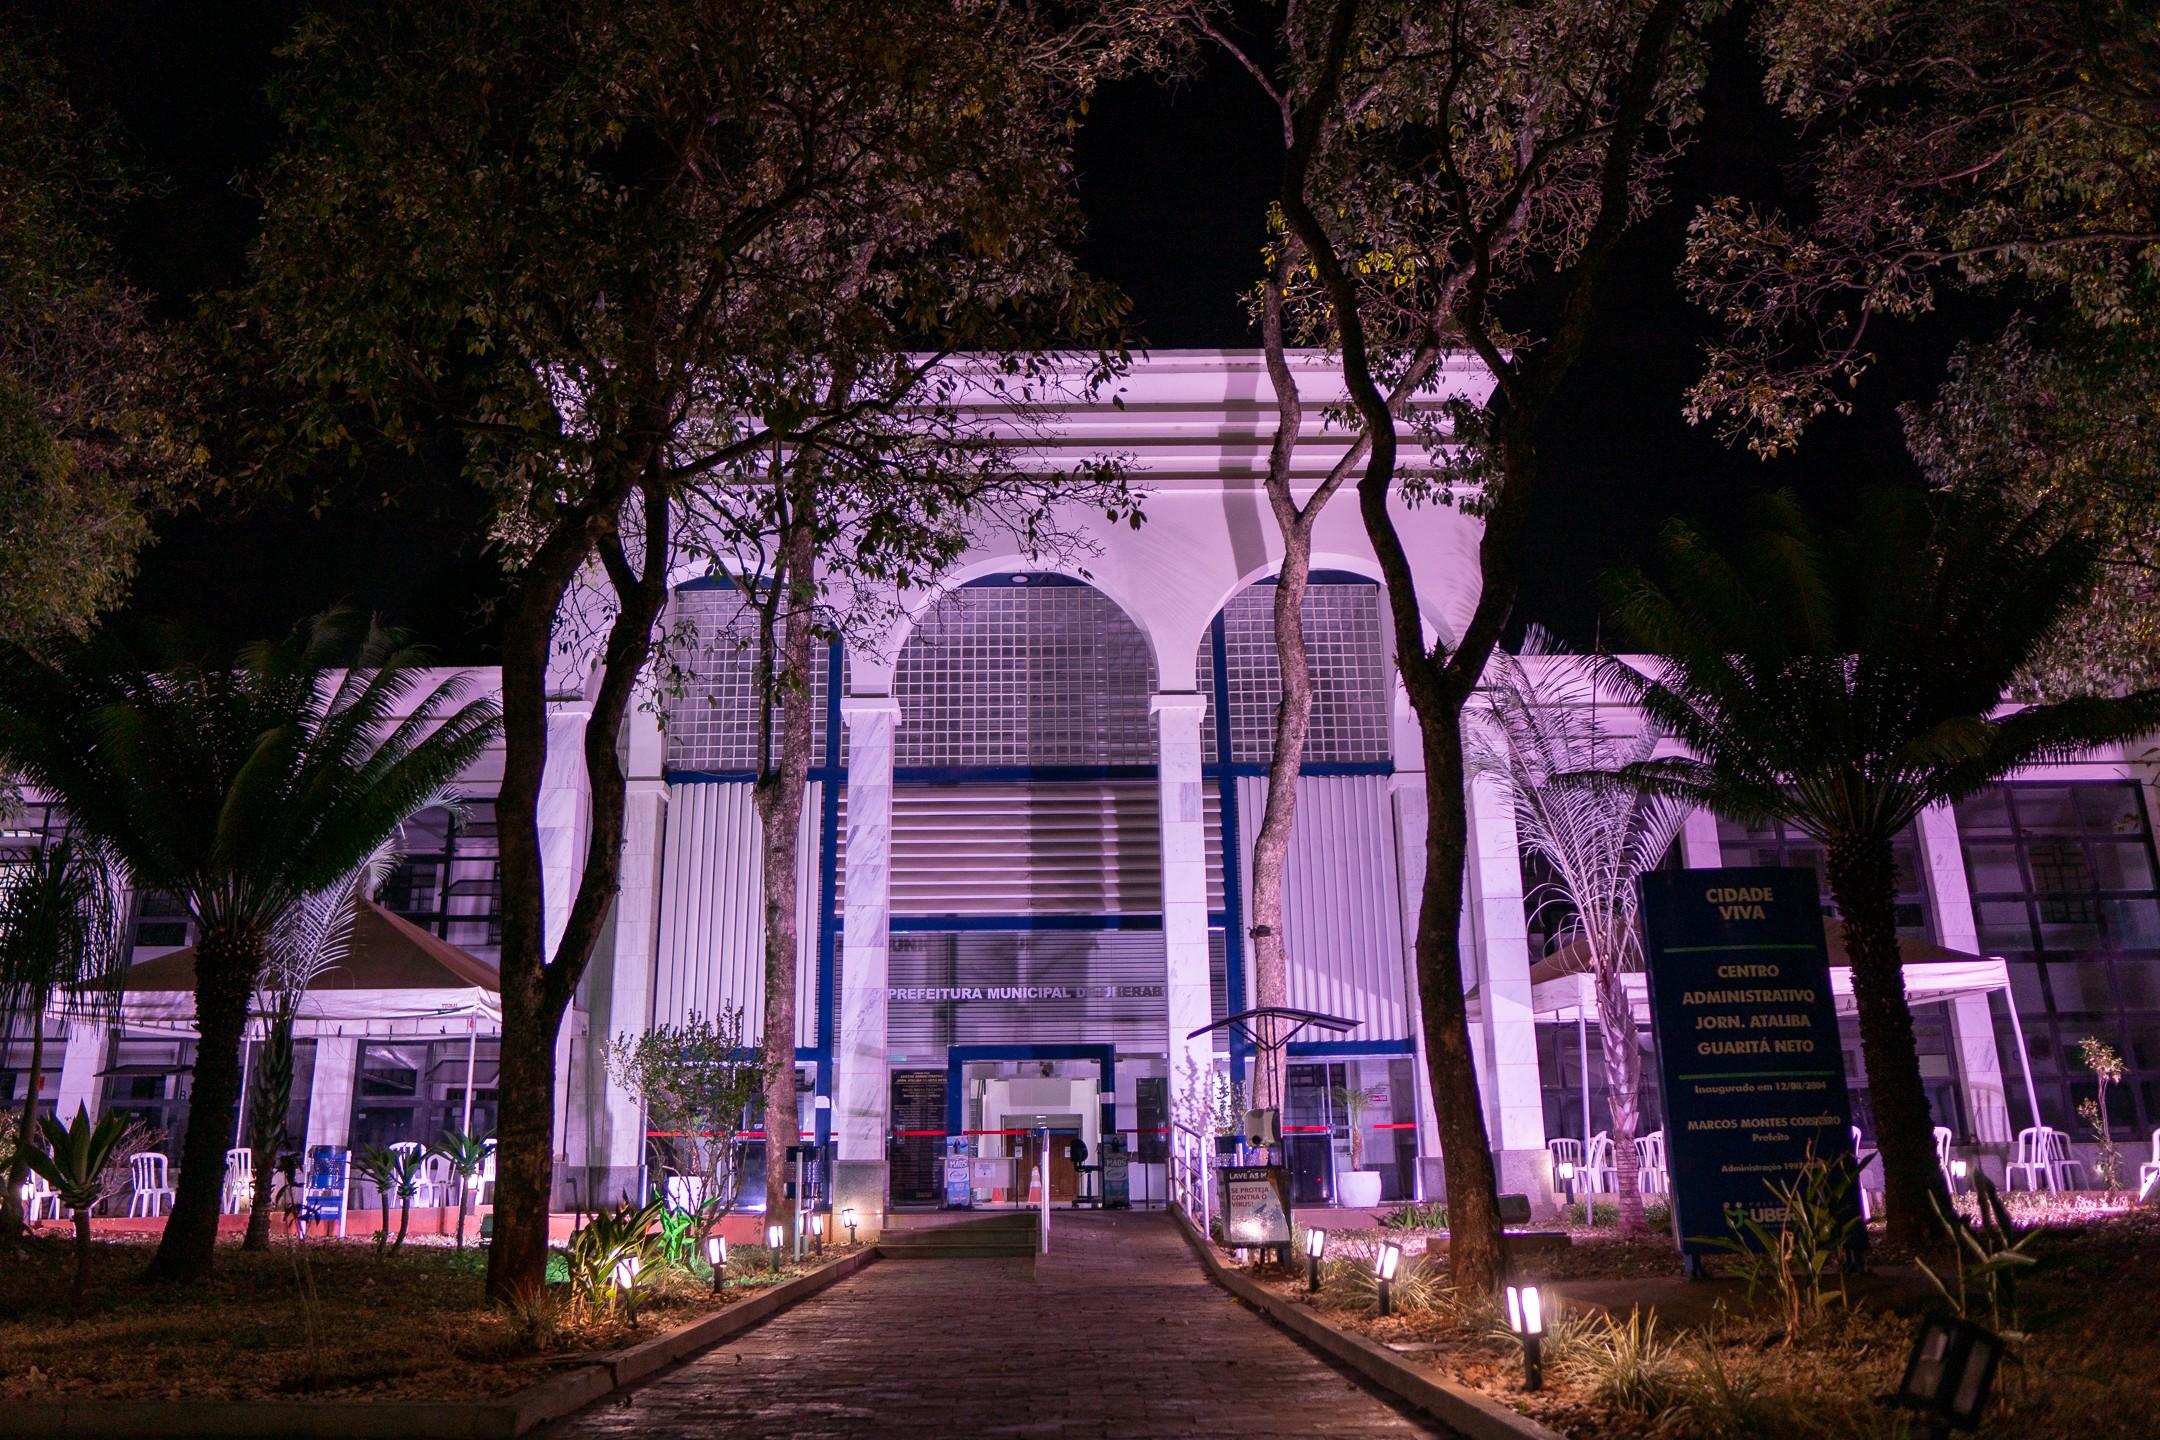 Projeto de lei que cria o Fundo Municipal de Prevenção e Combate à Corrupção é aprovado em Uberaba